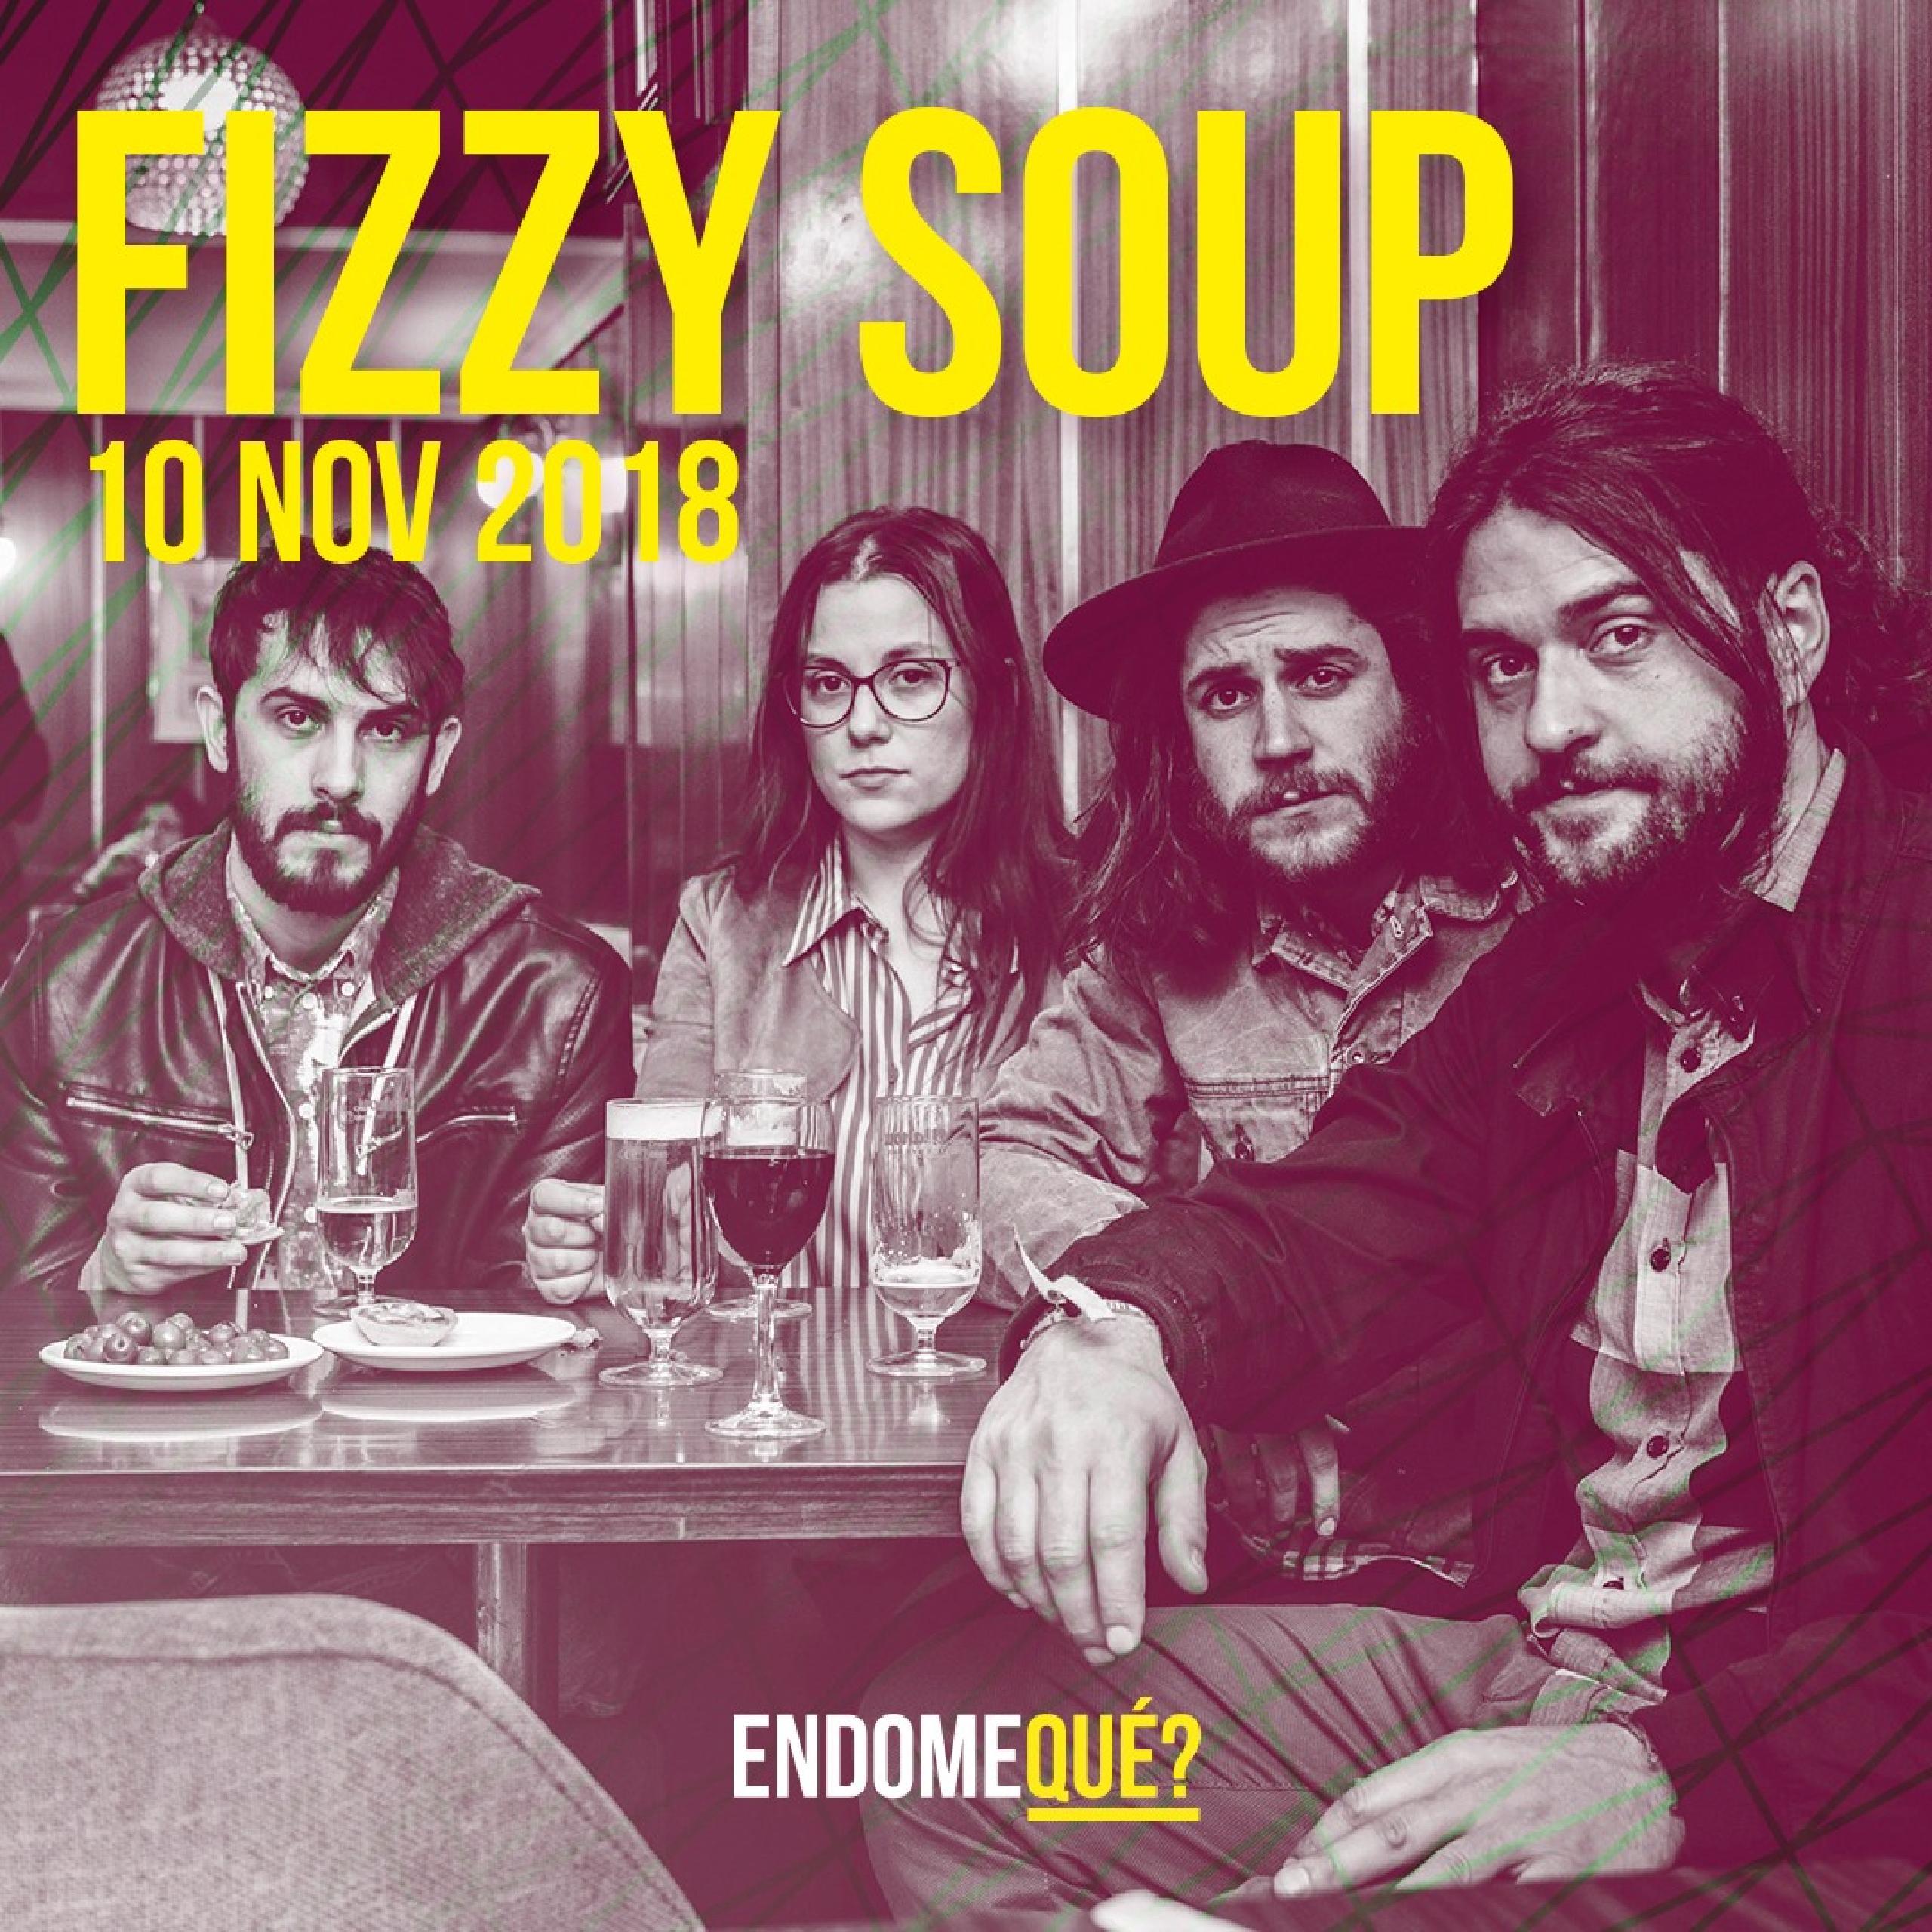 """Desayunan café y cenan sopa, ¡ellos son FIZZY SOUP! En los altavoces de su casa suena indie-folk, rock y soul con explosiones psicodélicas, pero su música se desvía hacia un sonido diferente, ellos buscan ir más lejos. Siguiendo una filosofía handmade, el grupo ha editado un LP (""""Wood Room"""", 2014) y un EP (""""We Do This"""", 2016).  En 2017 presentan un nuevo disco, """"Not so Far"""", un trabajo lleno de texturas muy difícil de etiquetar, siendo señalados como una de las mejores bandas emergentes del país. ¡No os los perdáis!"""